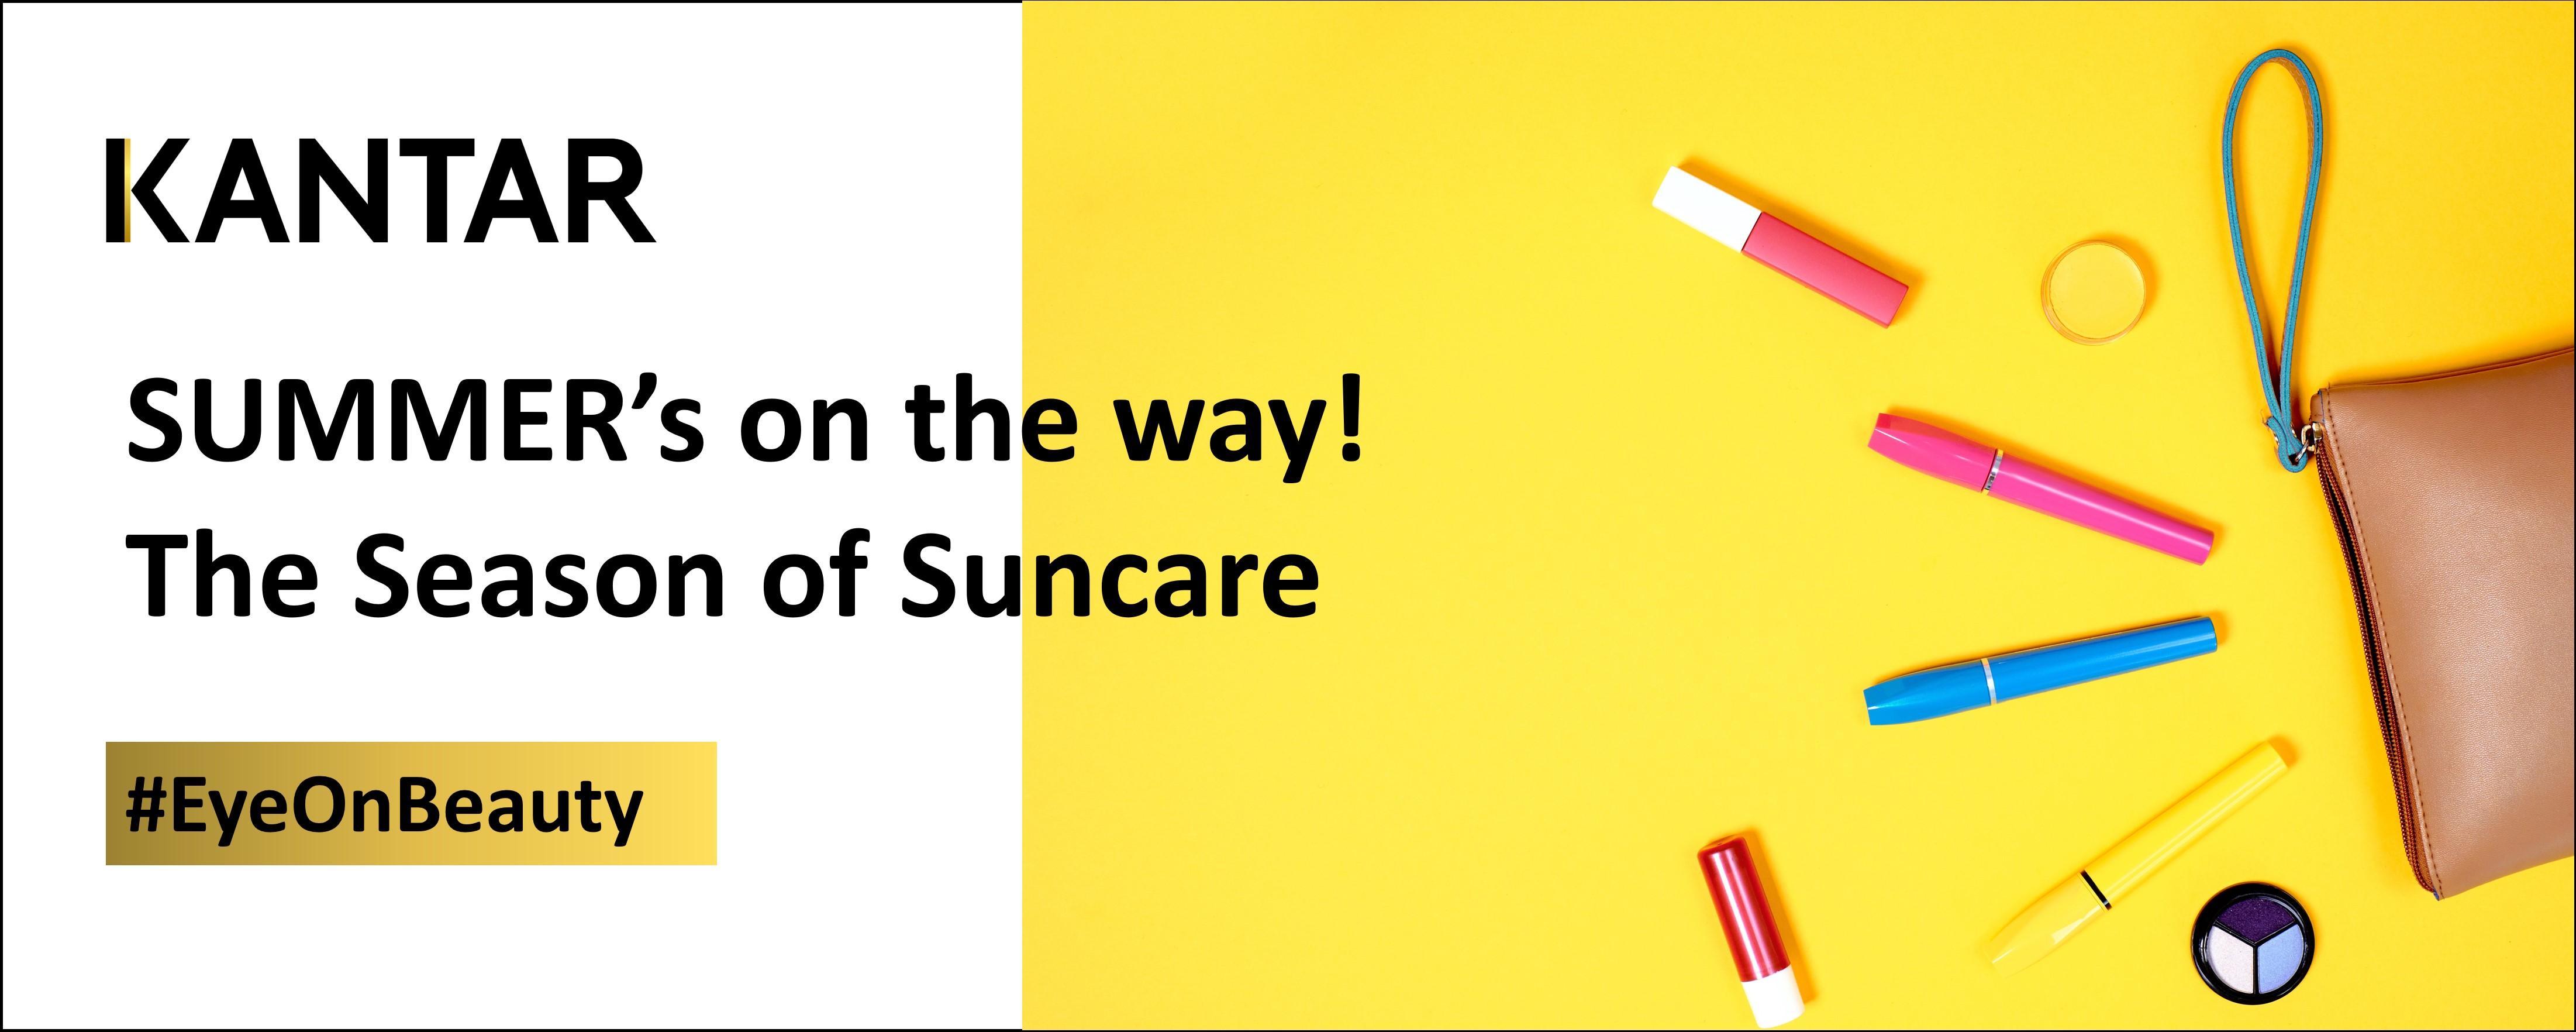 EyeOnBeauty- SUMMER's on the way! The Season of Suncare